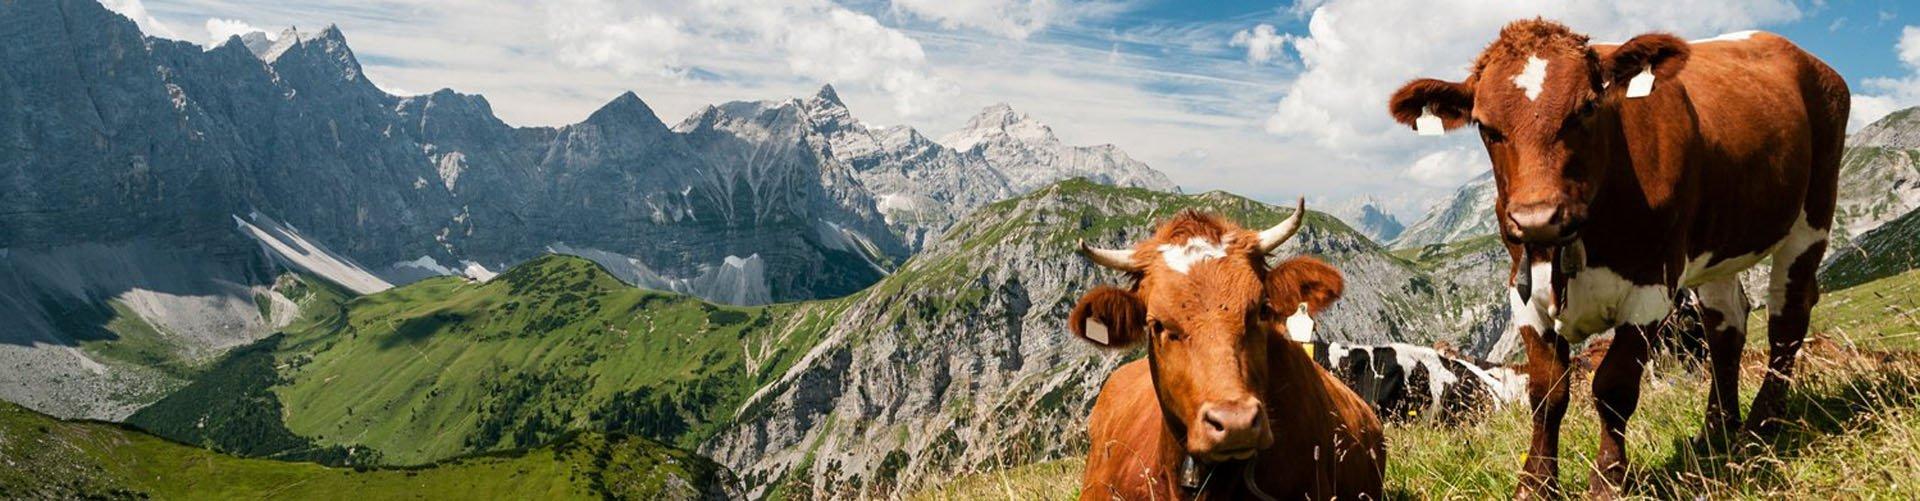 Oostenrijk, Salzburgerland - bergen milka koeien